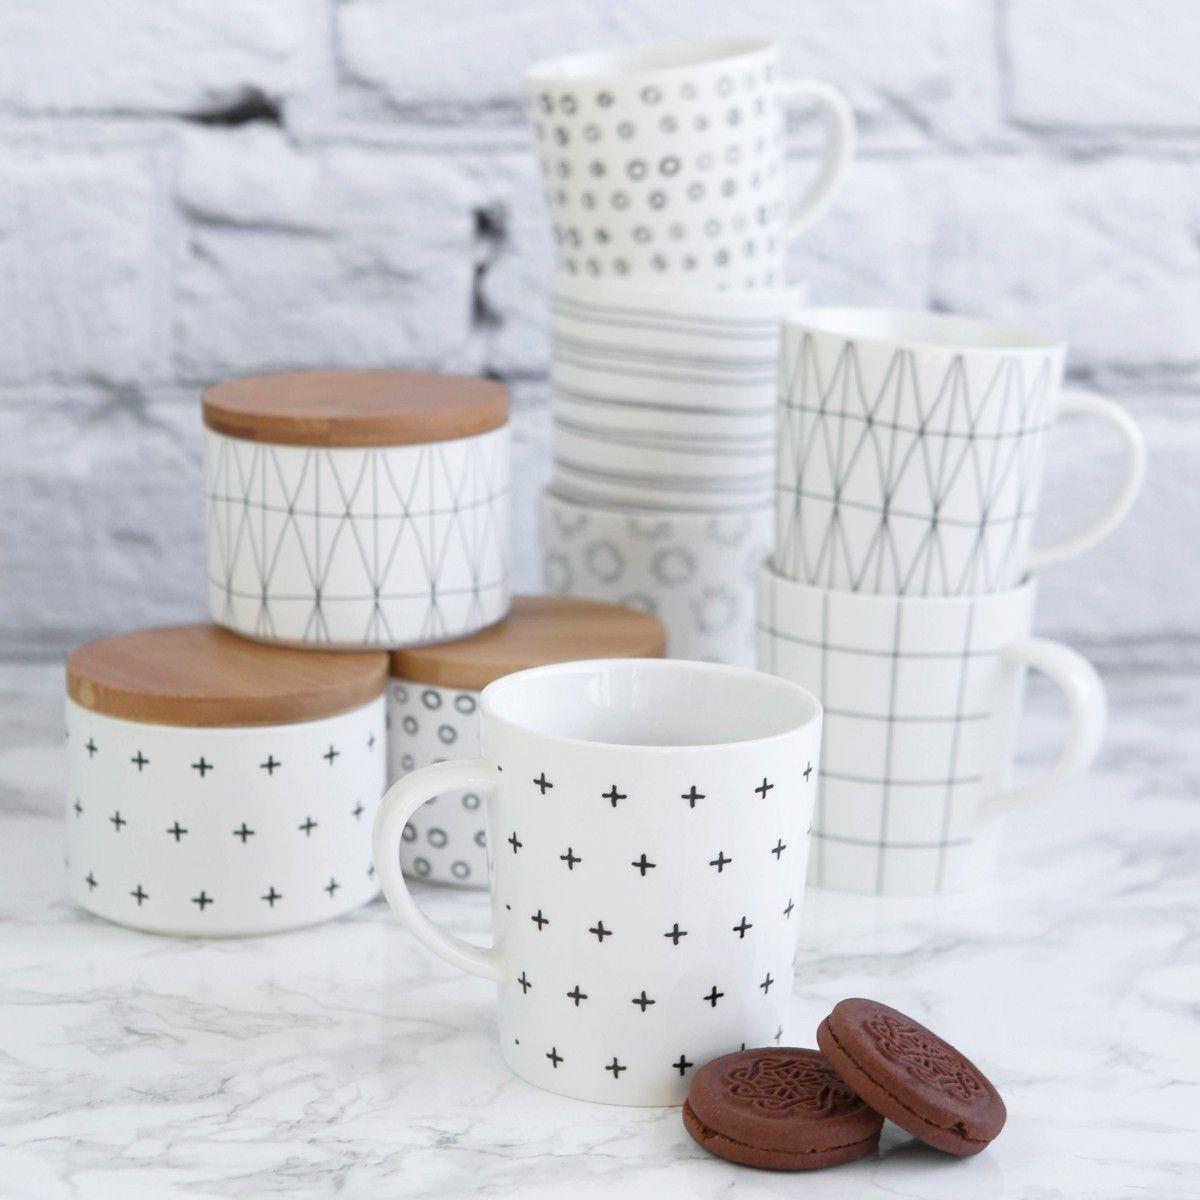 Idea miten voisi posliinitusseilla koristella astioita. (Martinex. Kauniit ajattomat posliinimukit graafisilla kuvituksilla.)